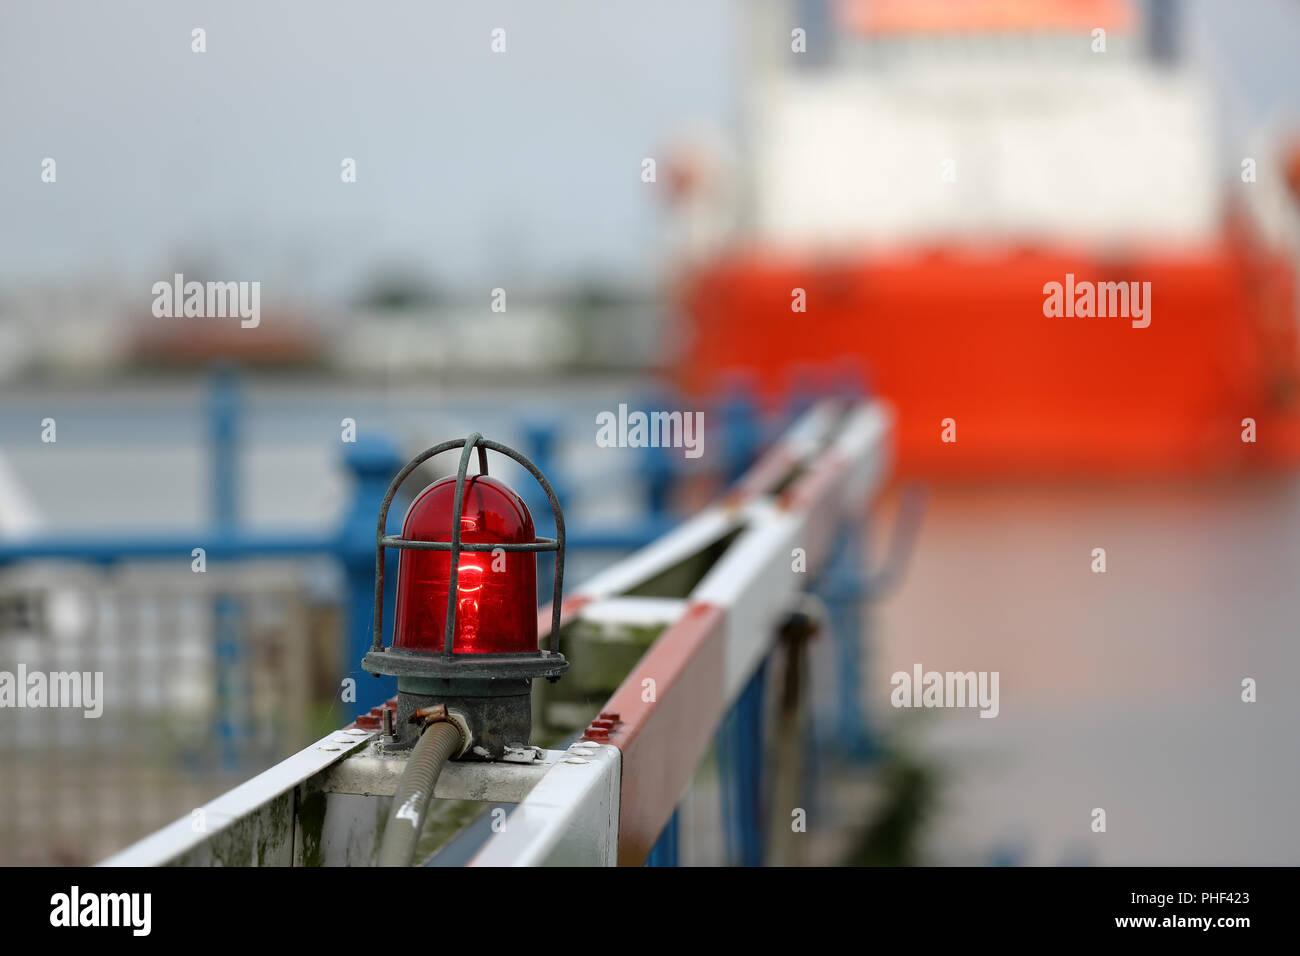 Flashing Light Warning Stock Photos & Flashing Light Warning